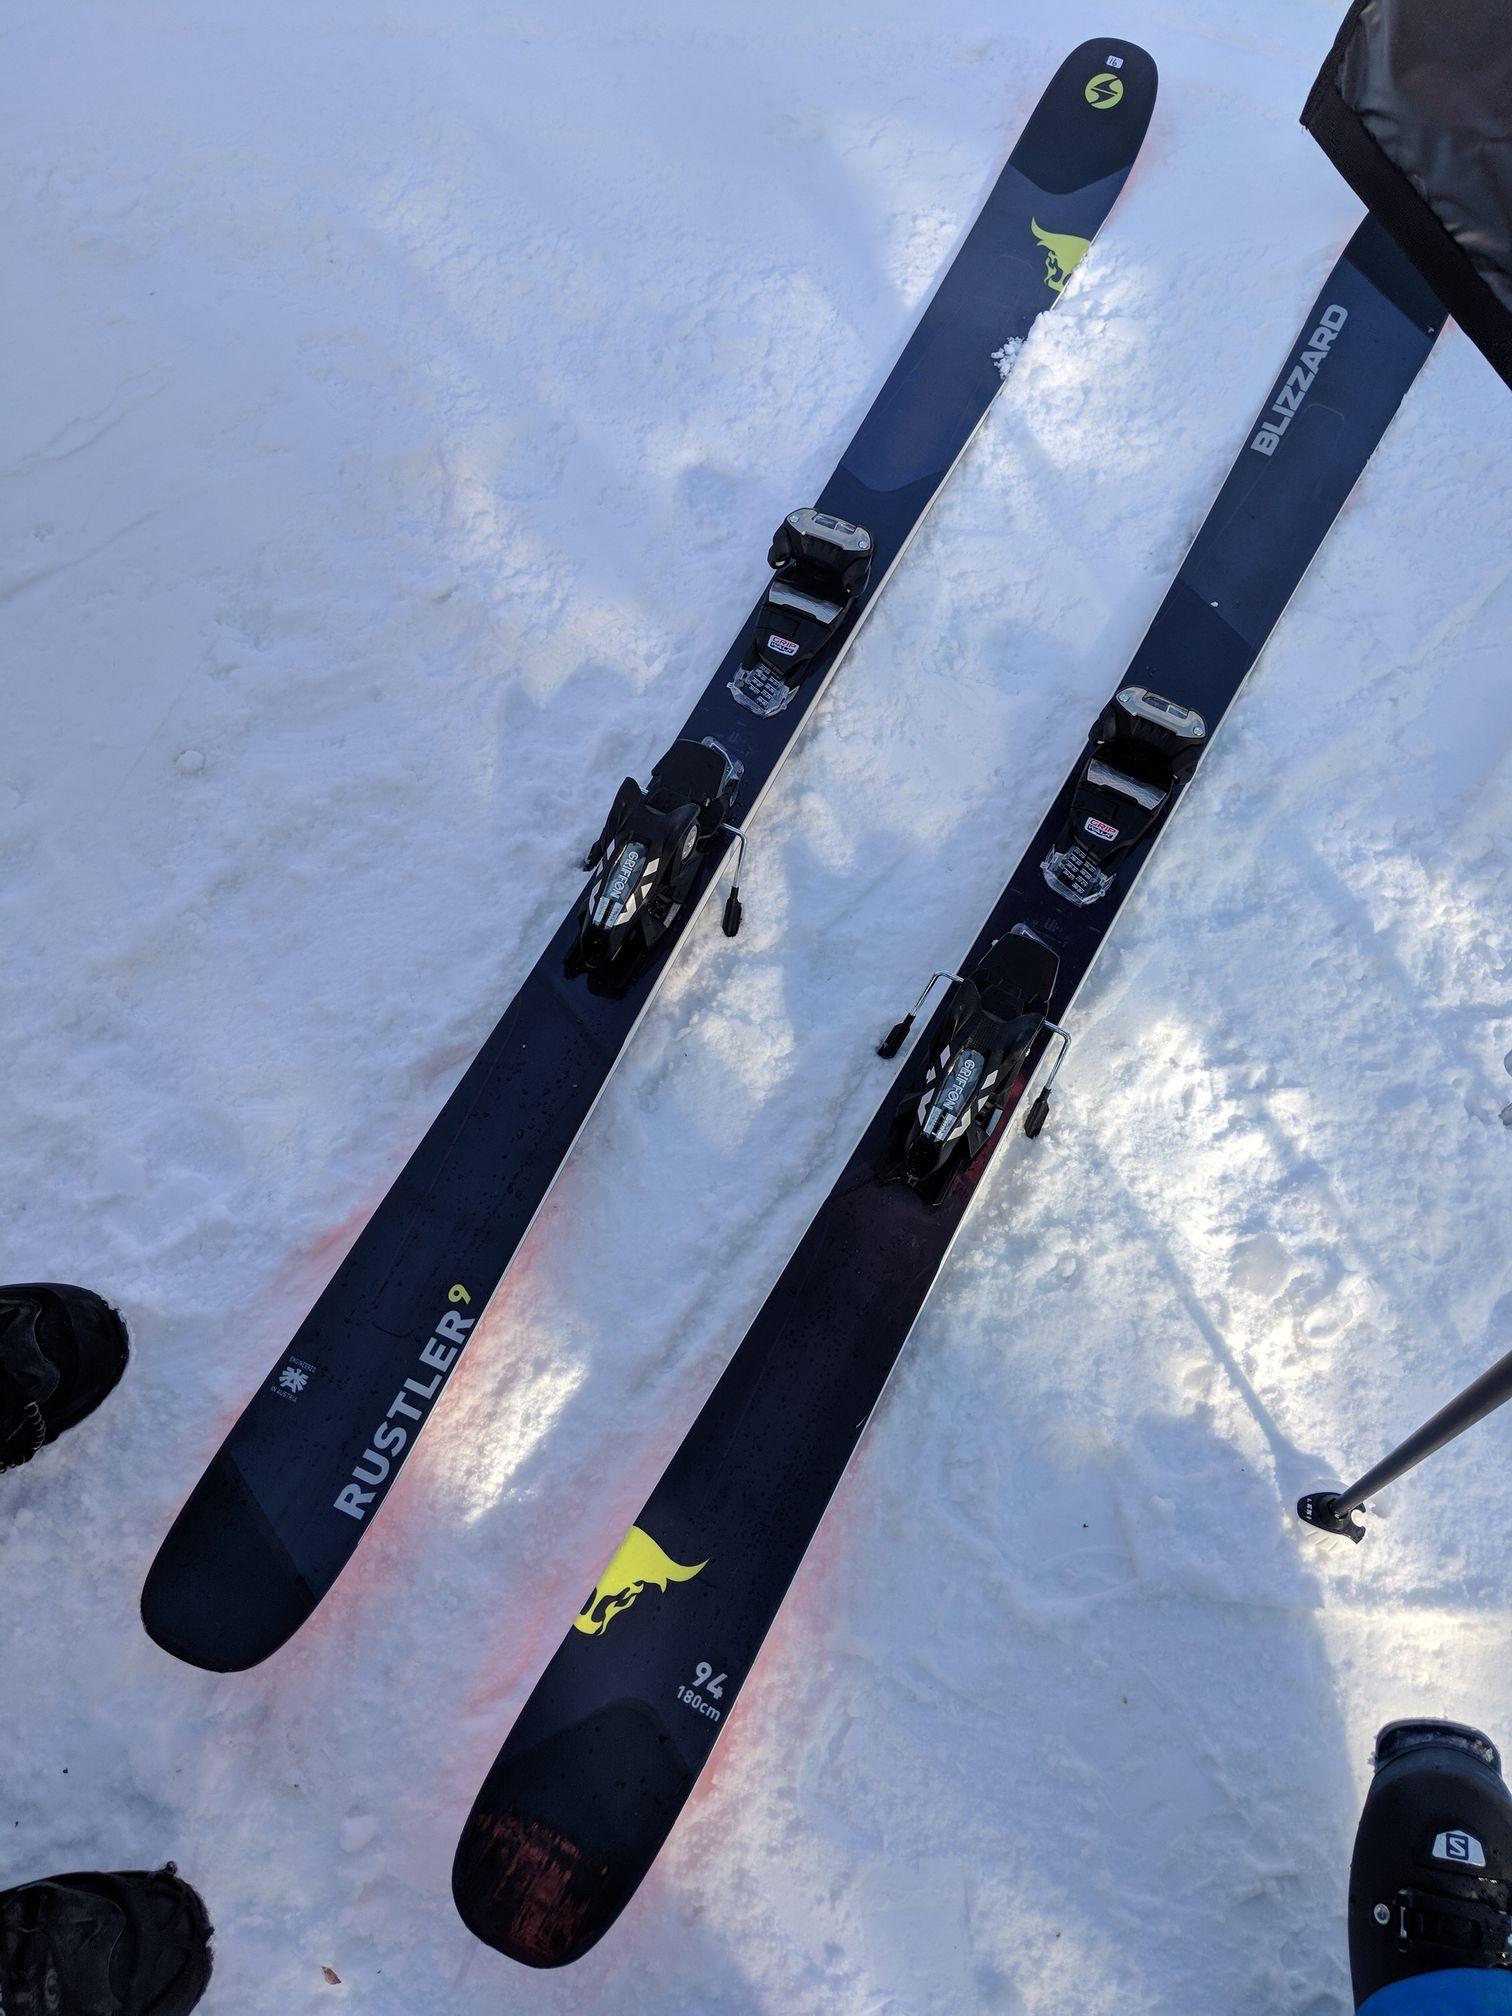 Blizzard Rustler 9 Blizzard brought out the Rustler 10 and Rustler 11  big-mountain skis a237f1ea4bbb